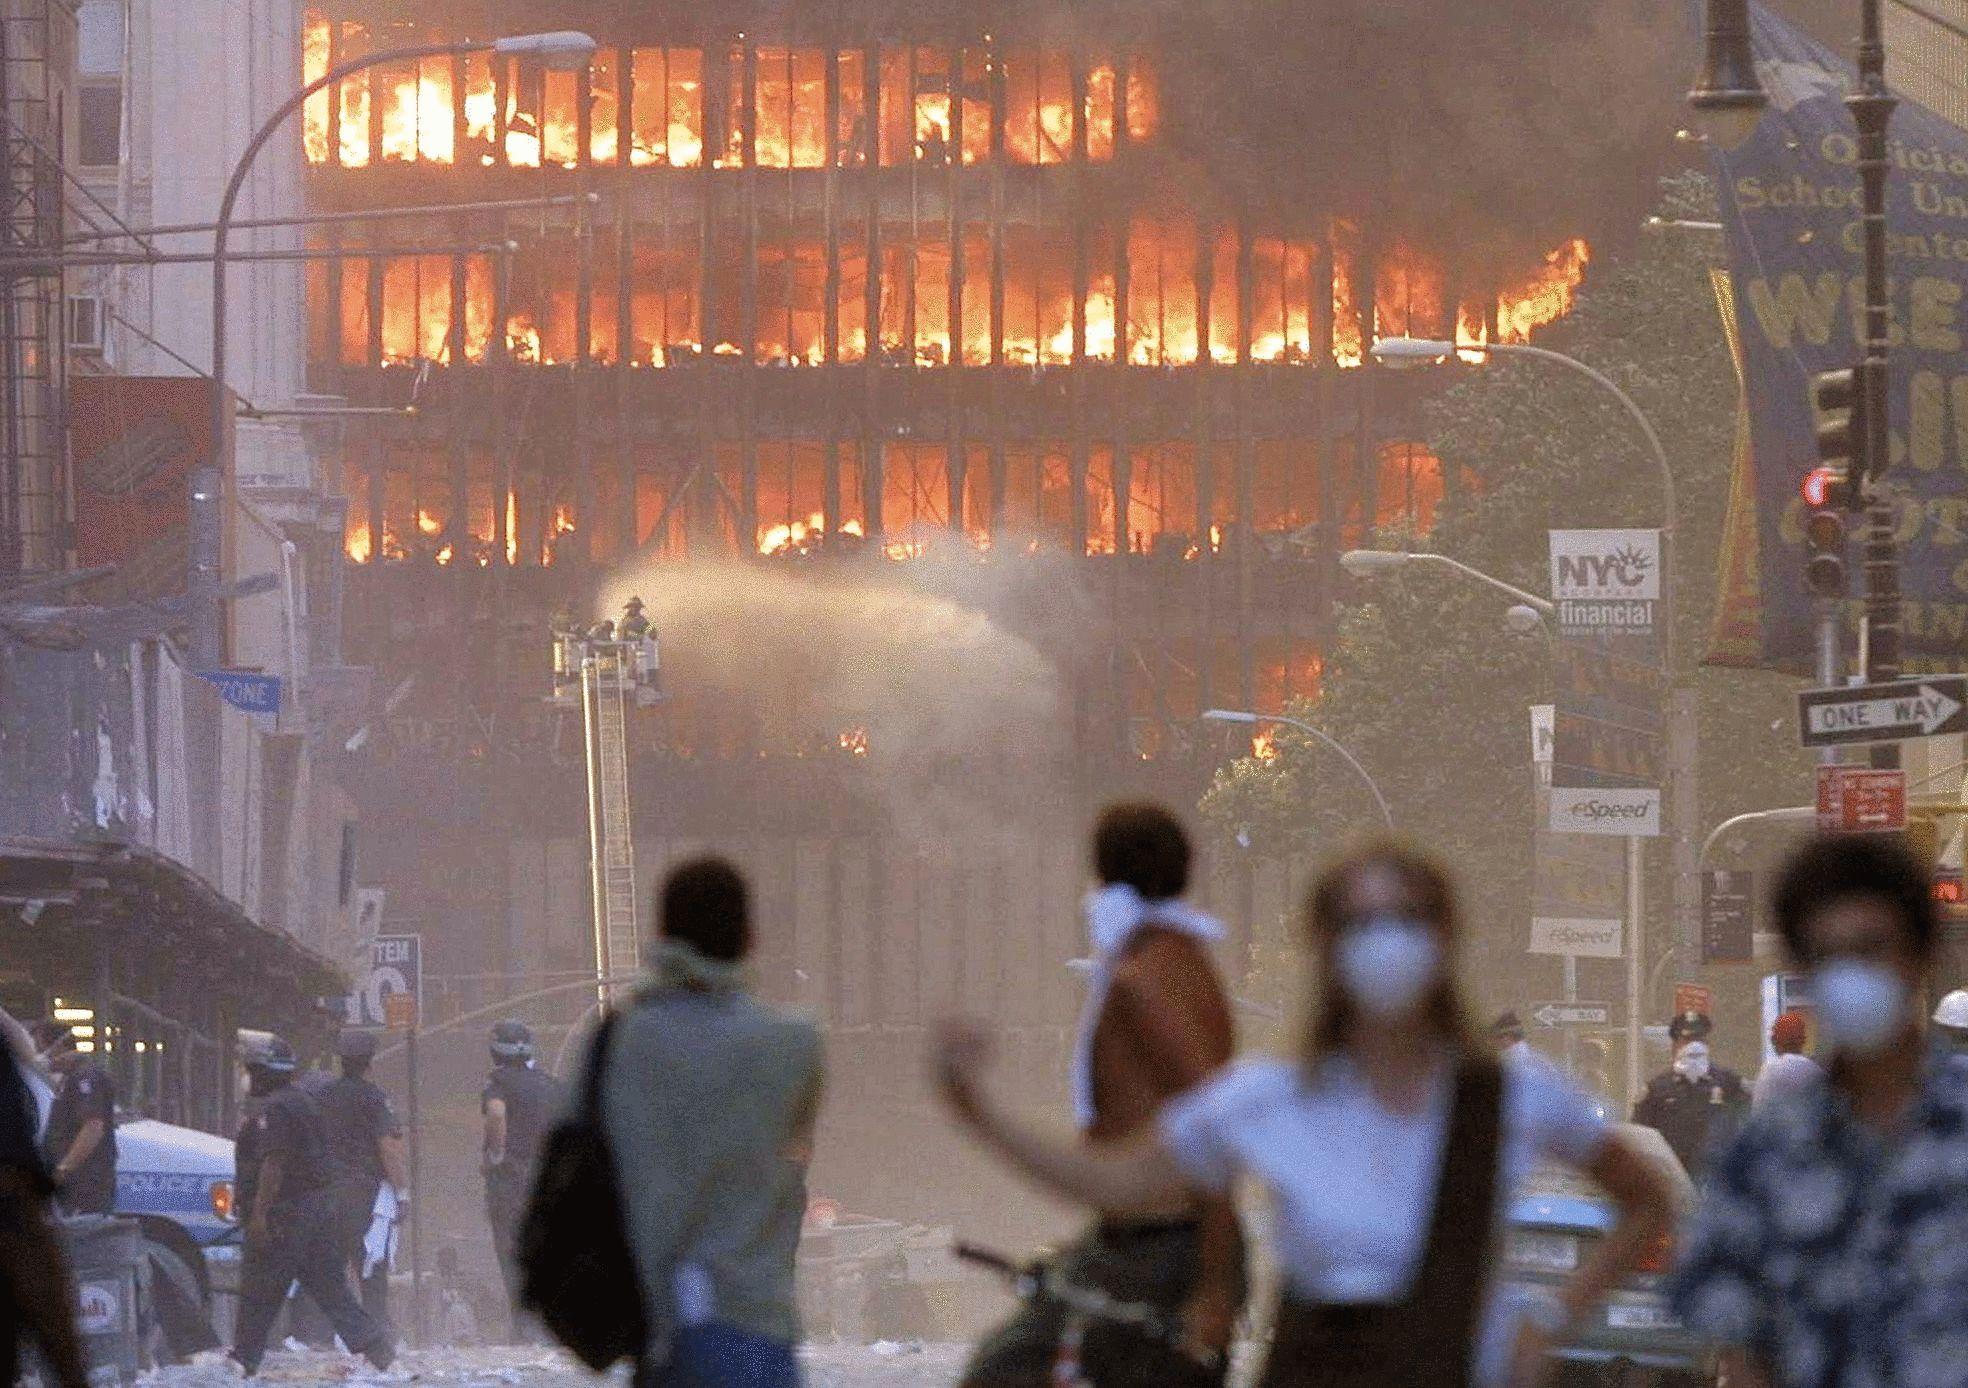 torres gemelas, 9/11, ataque, terrorismo, víctimas